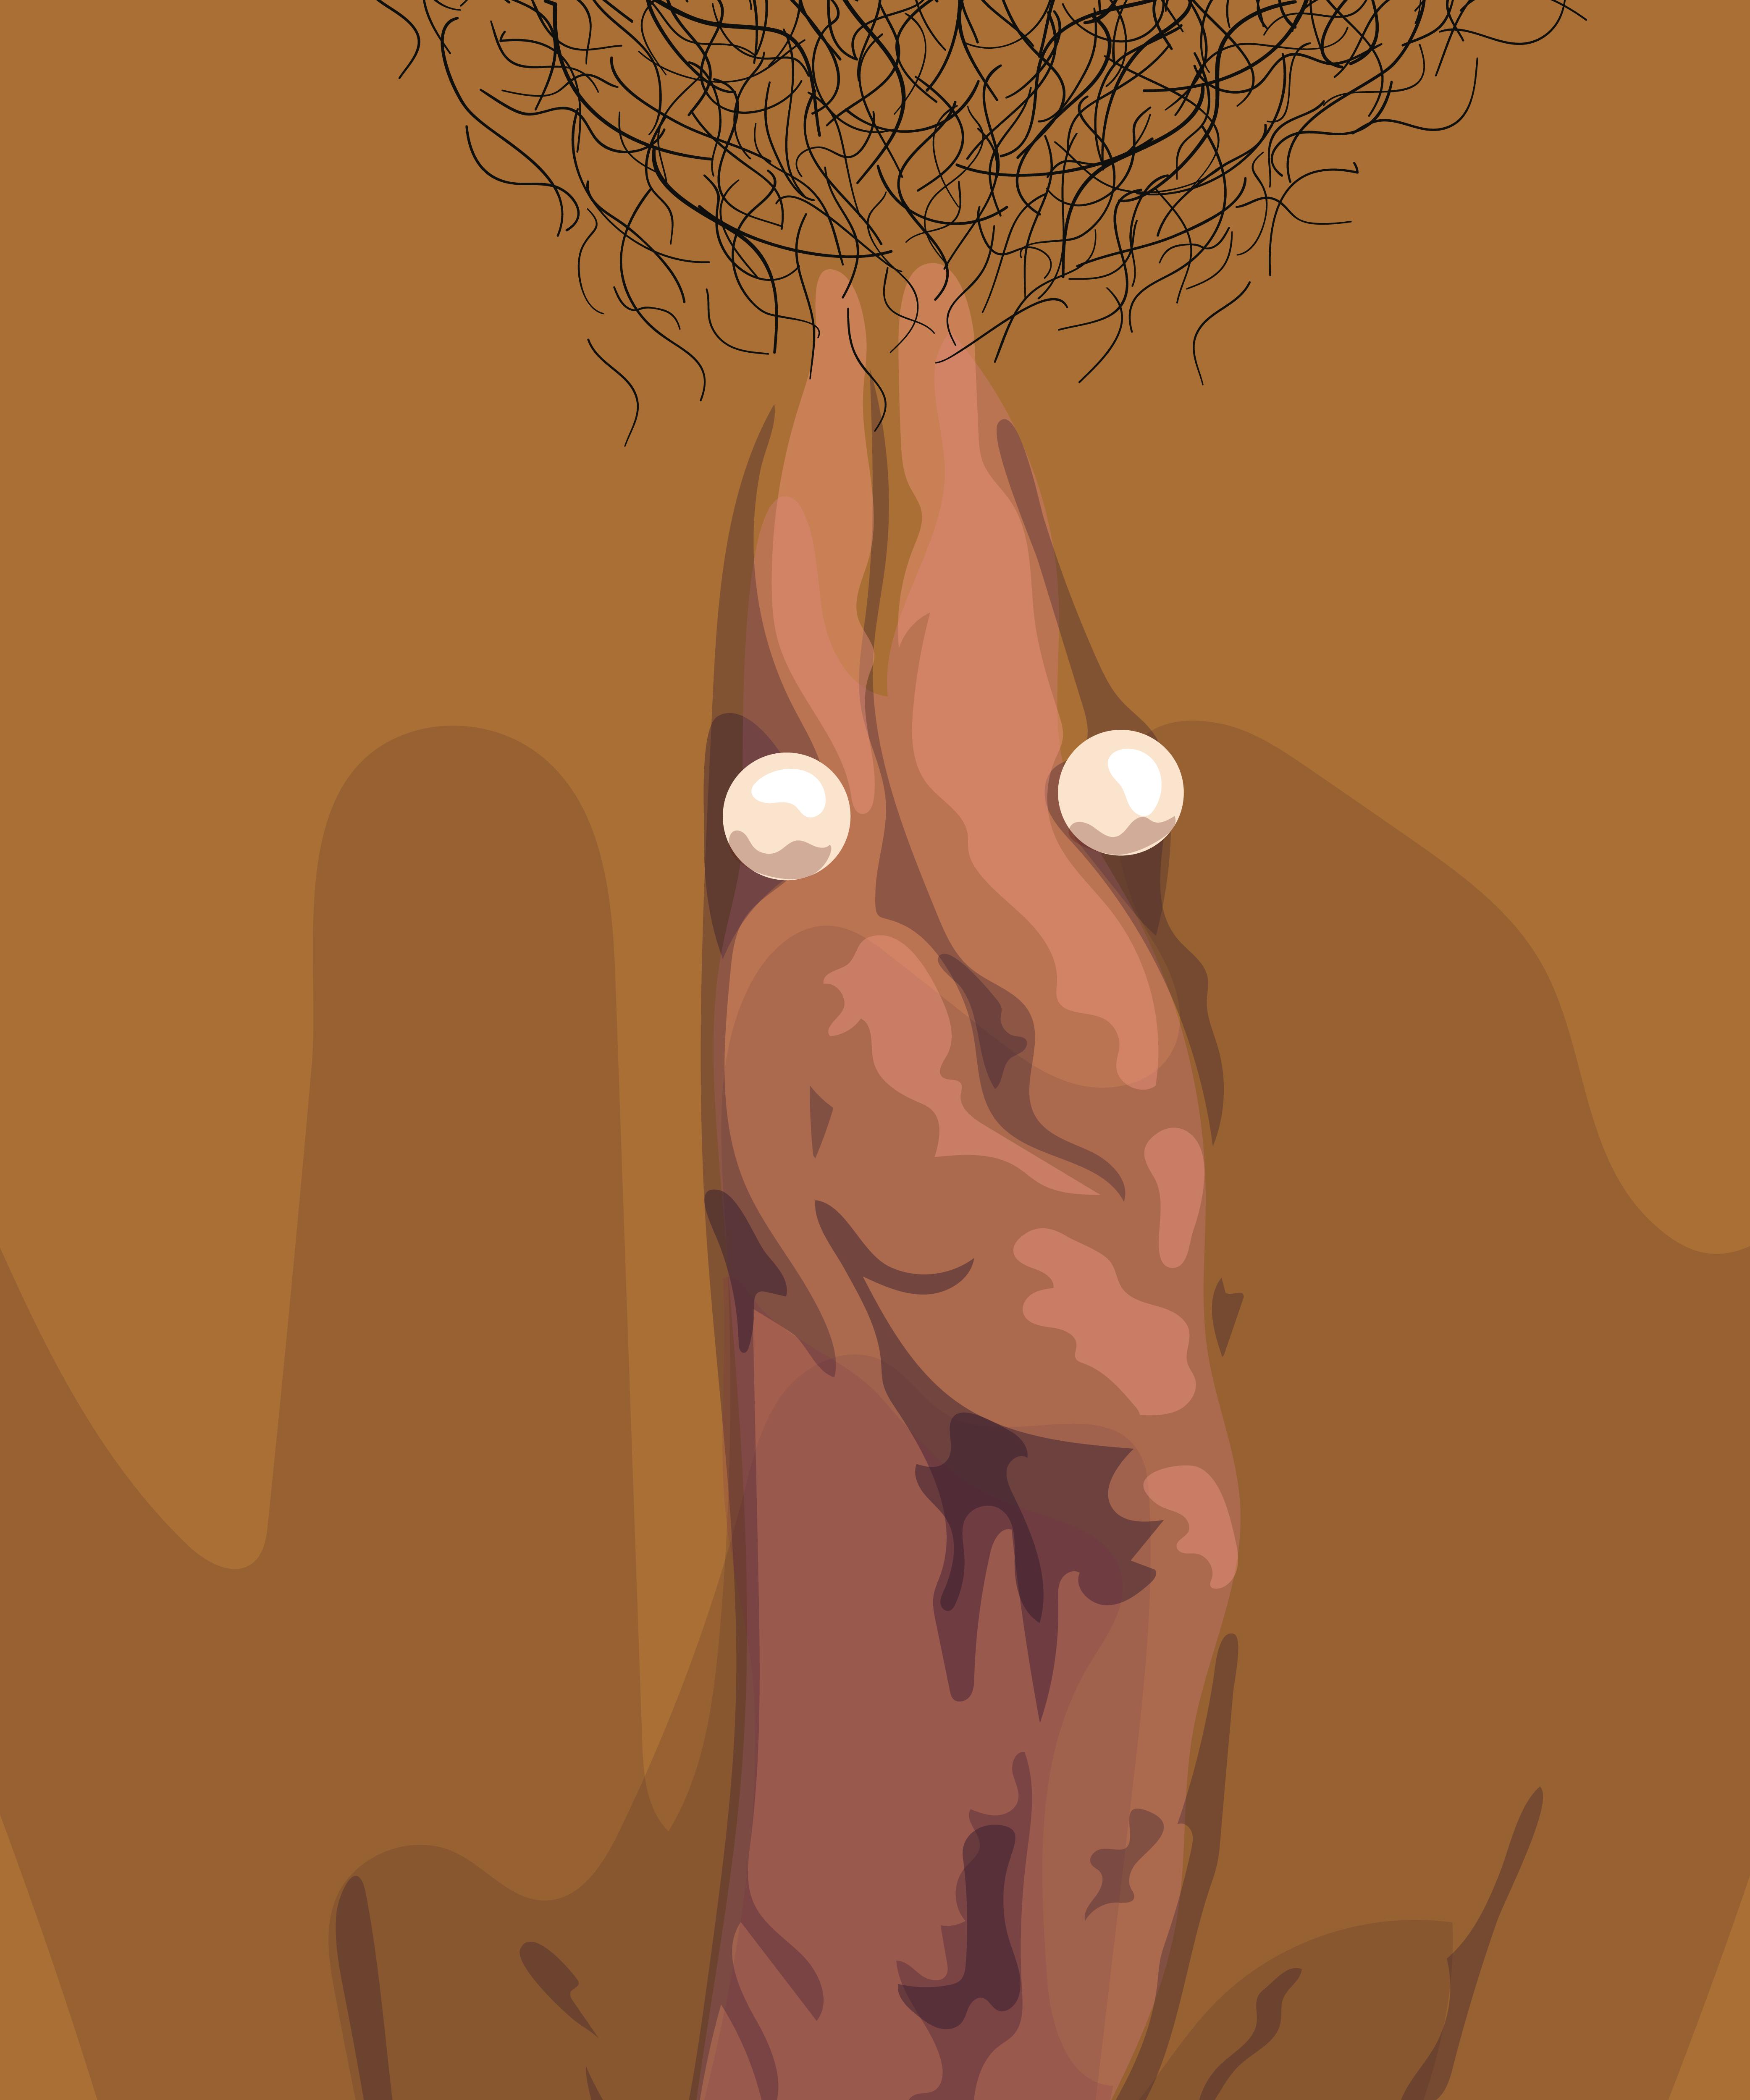 Nude egyptian goddess s